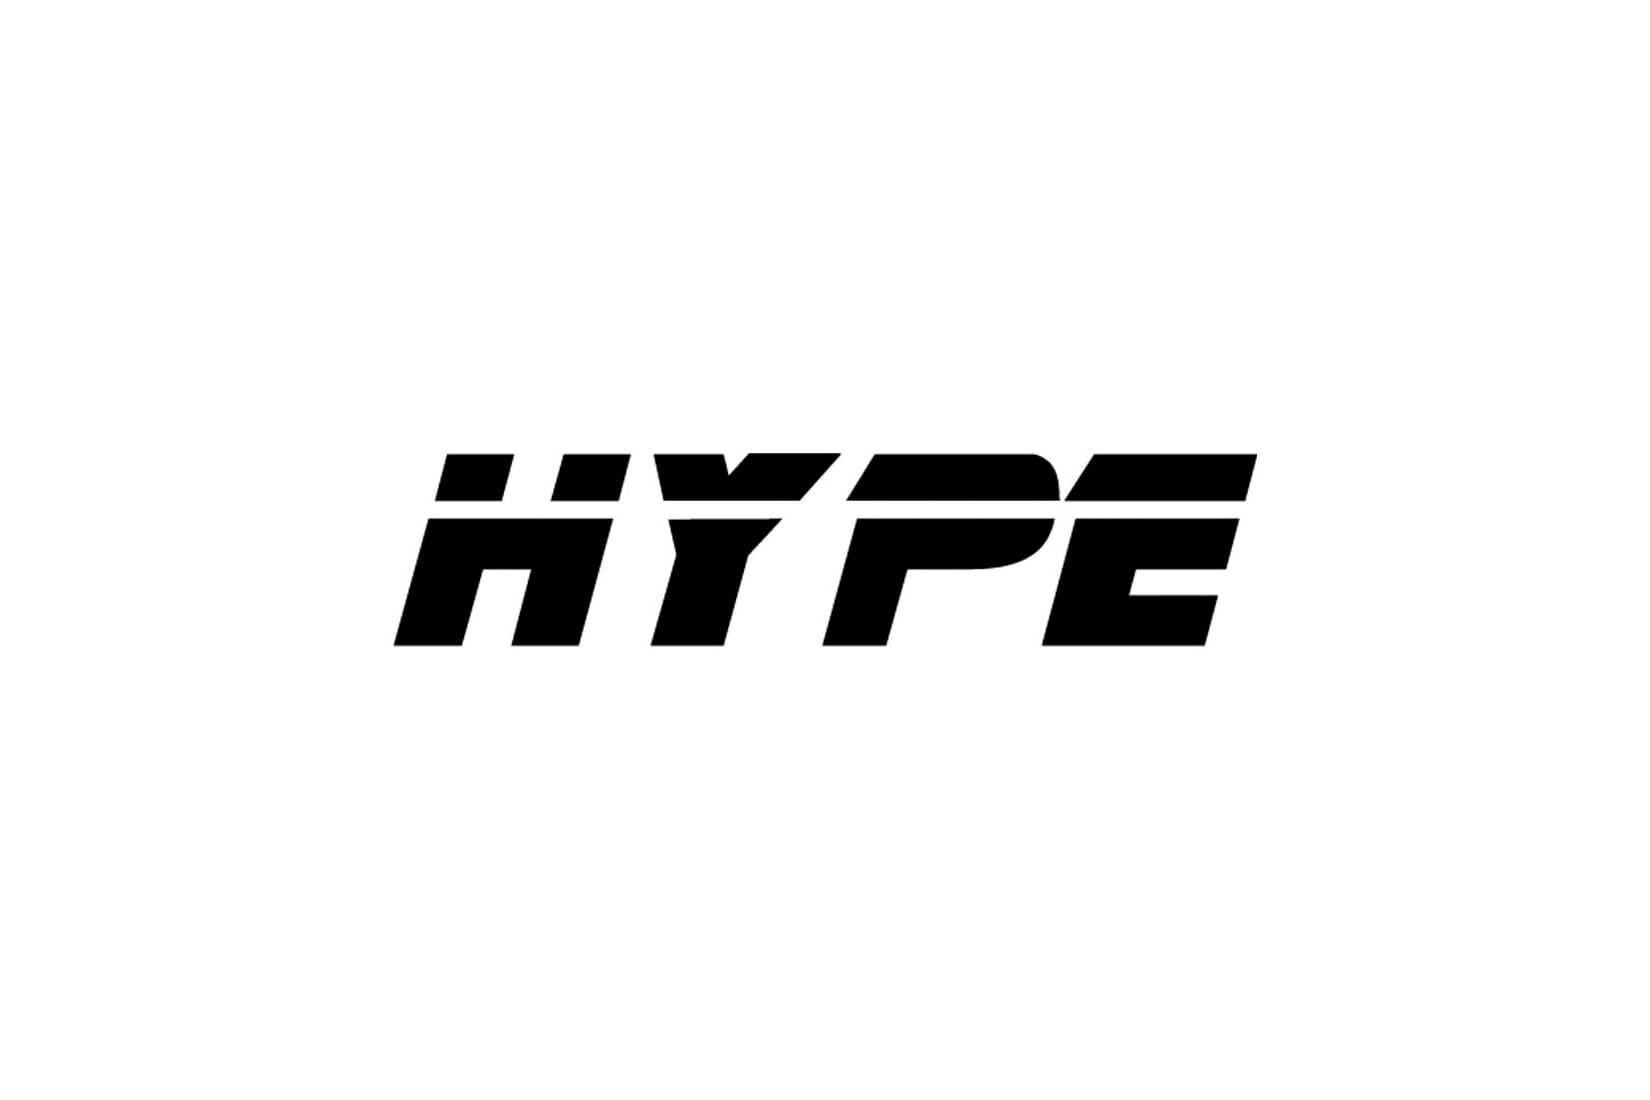 Бестабачная смесь для кальяна HYPE: описание, вкусы, миксы, отзывы